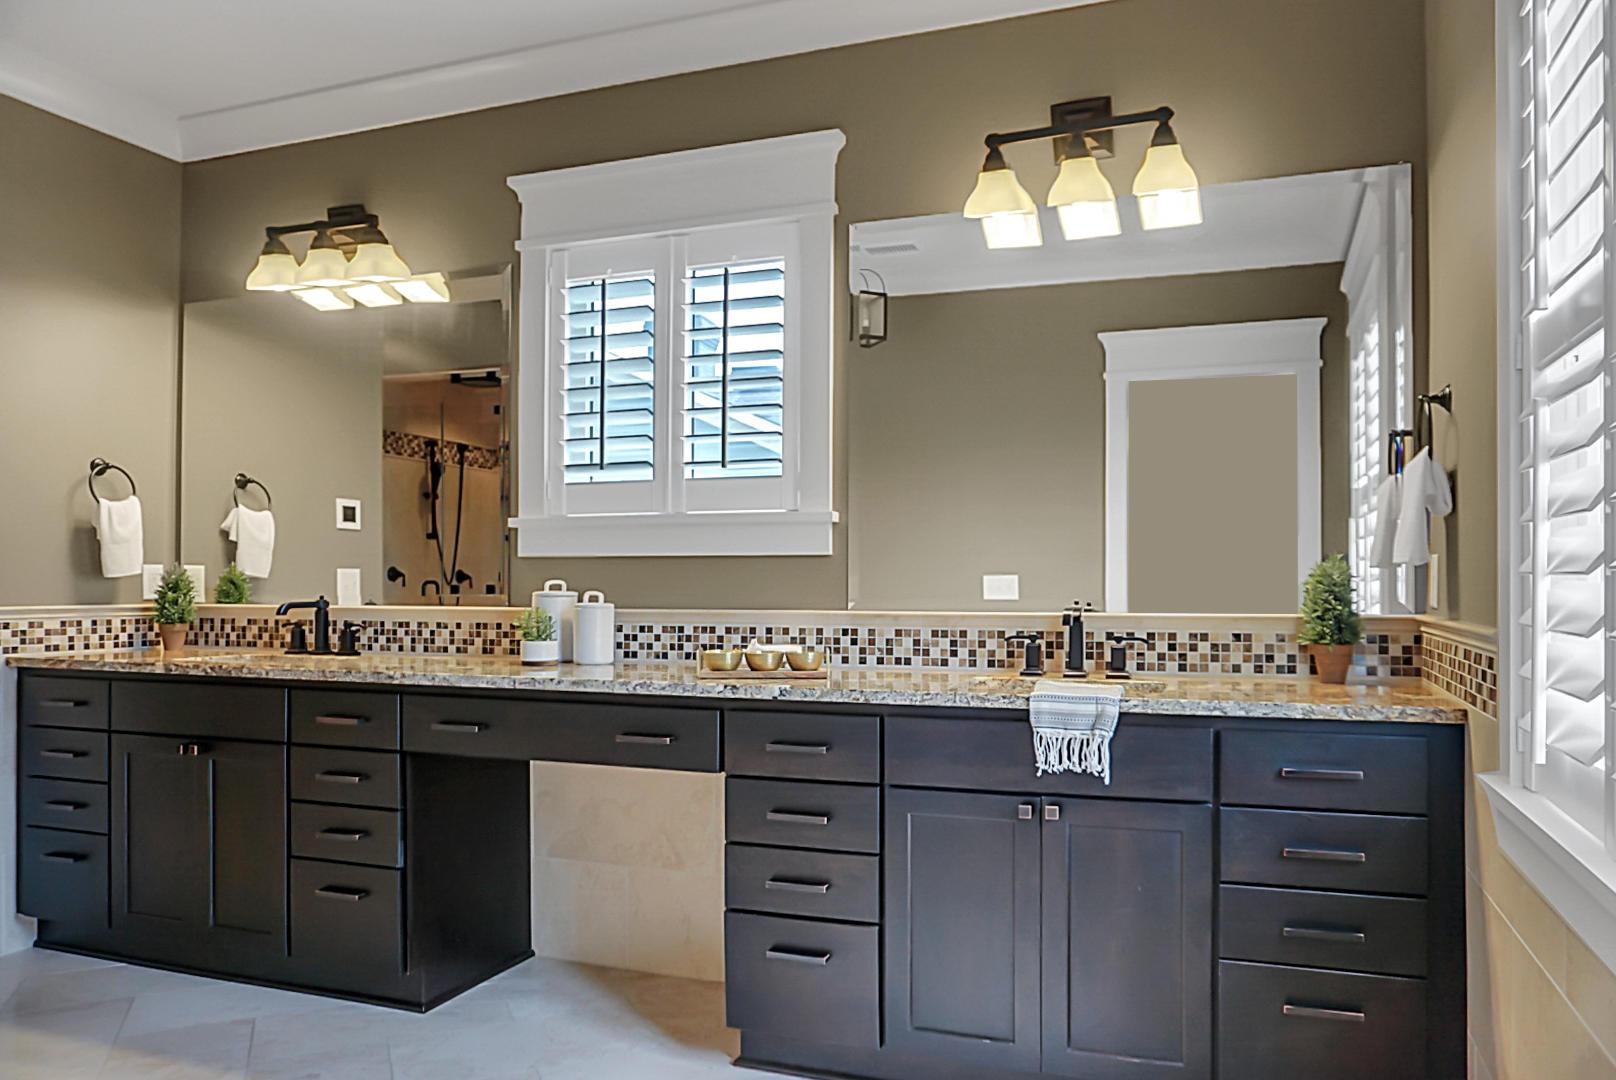 Dunes West Homes For Sale - 2978 River Vista, Mount Pleasant, SC - 99